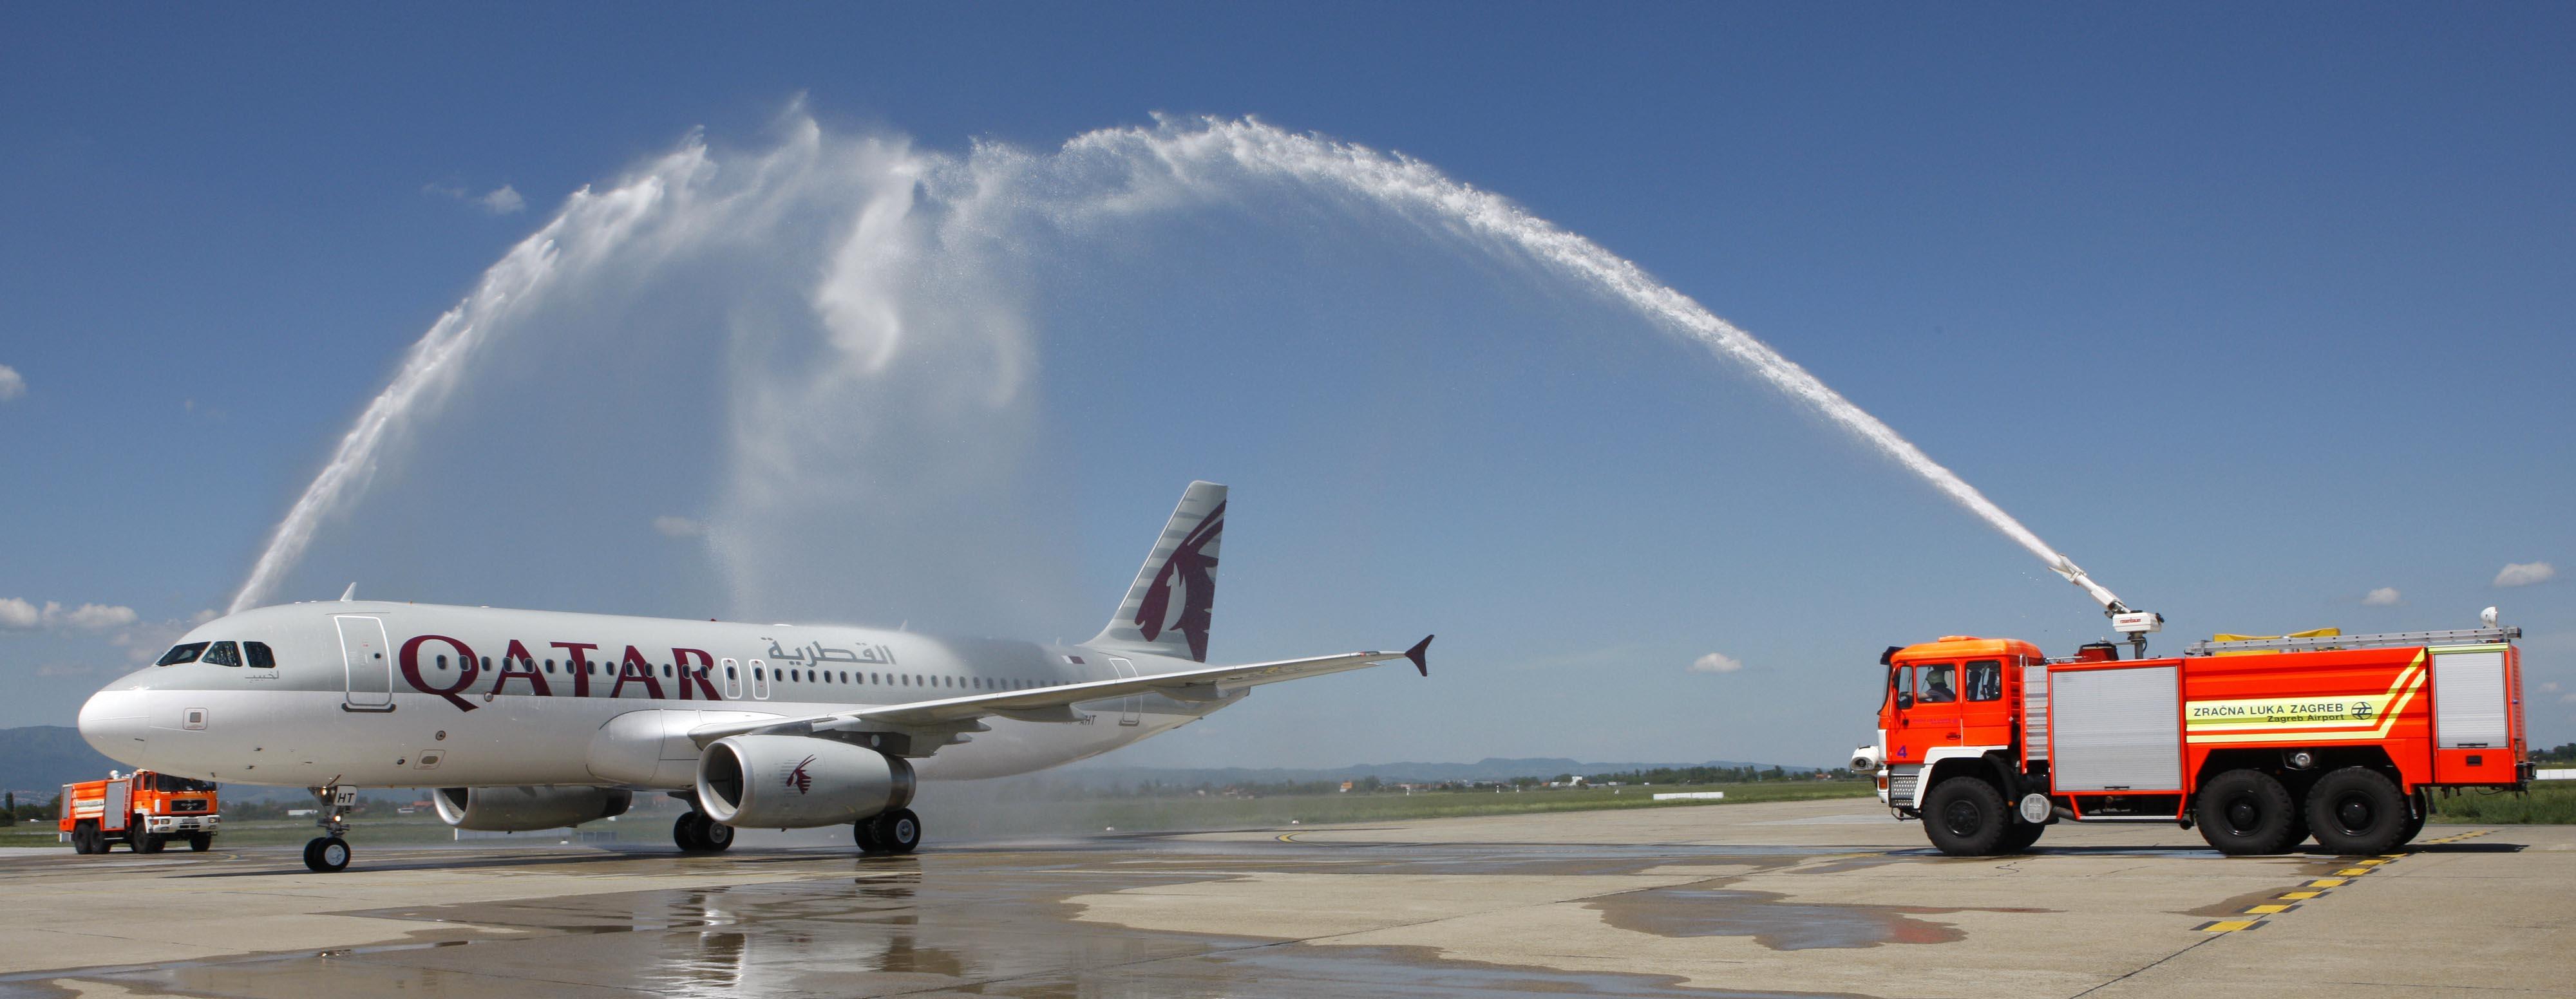 Zagreb Added To Qatar Airways European Schedule News Breaking Travel News